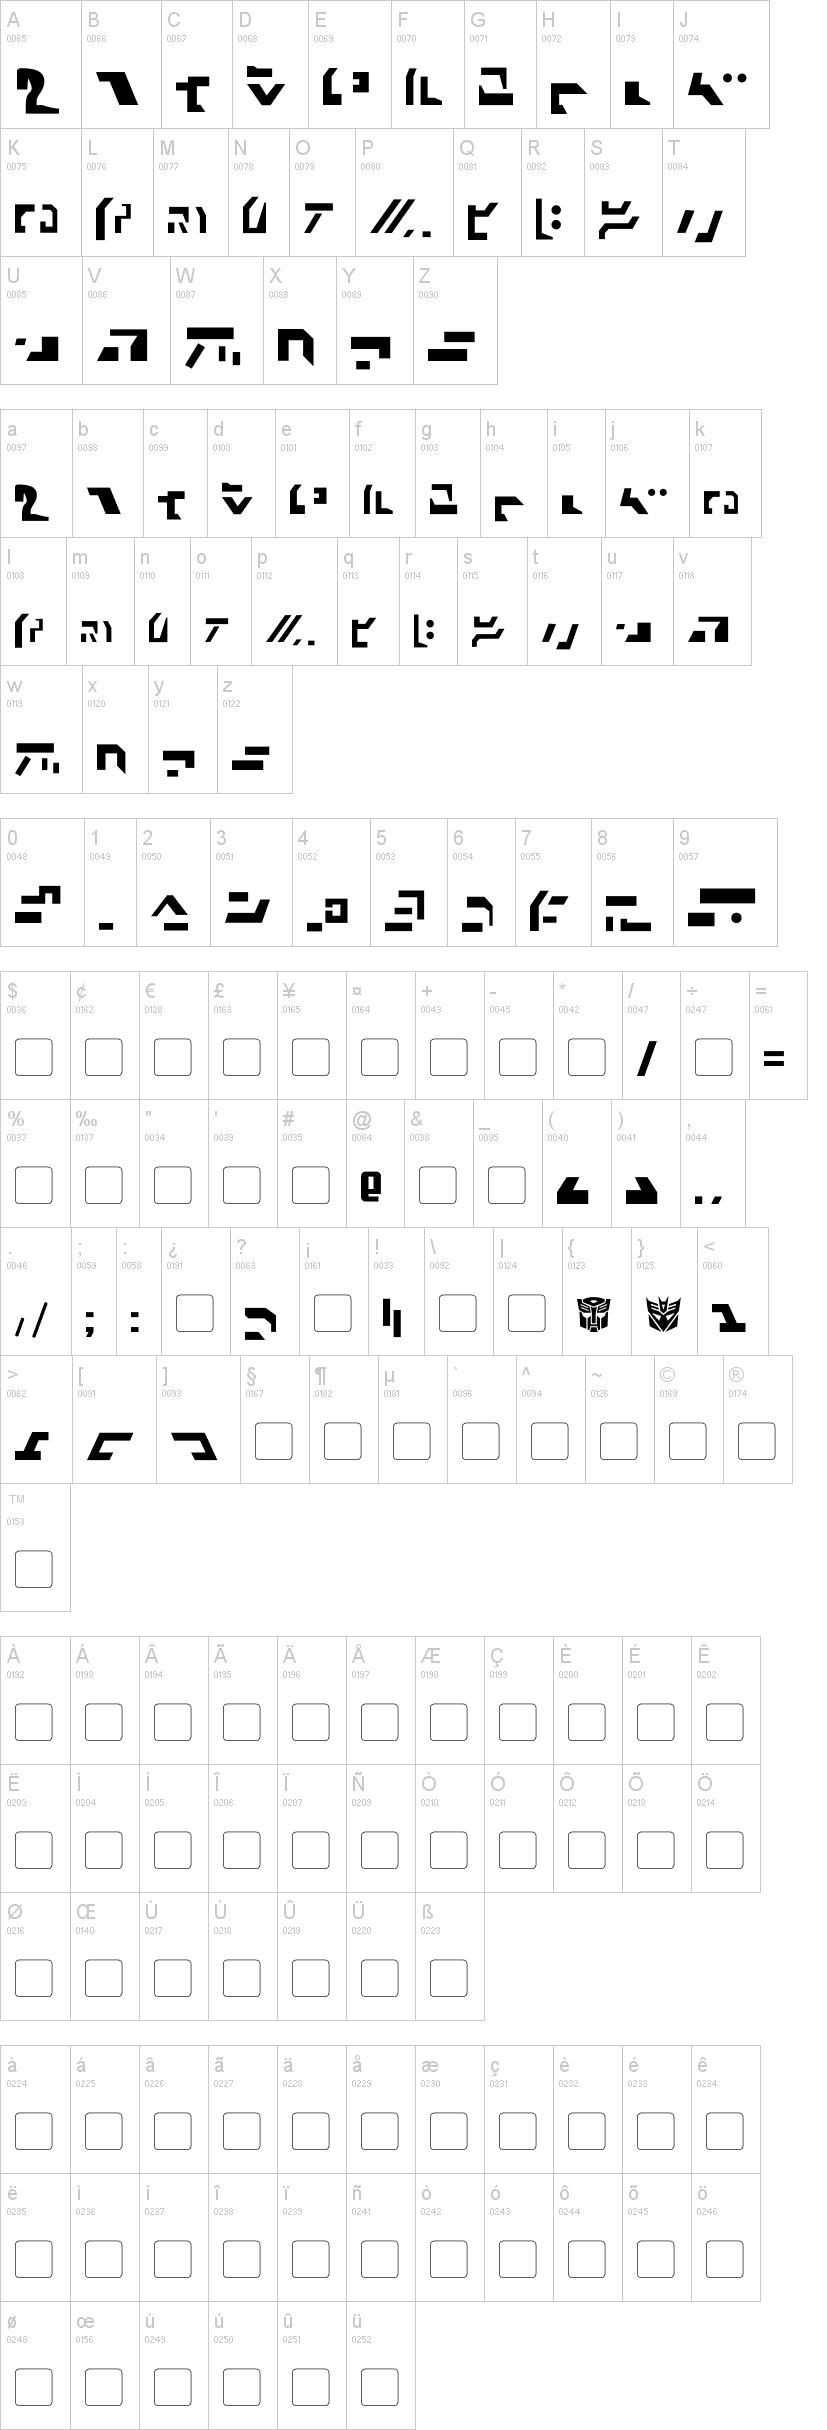 Giedi ancient autobot font dafont biocorpaavc Choice Image